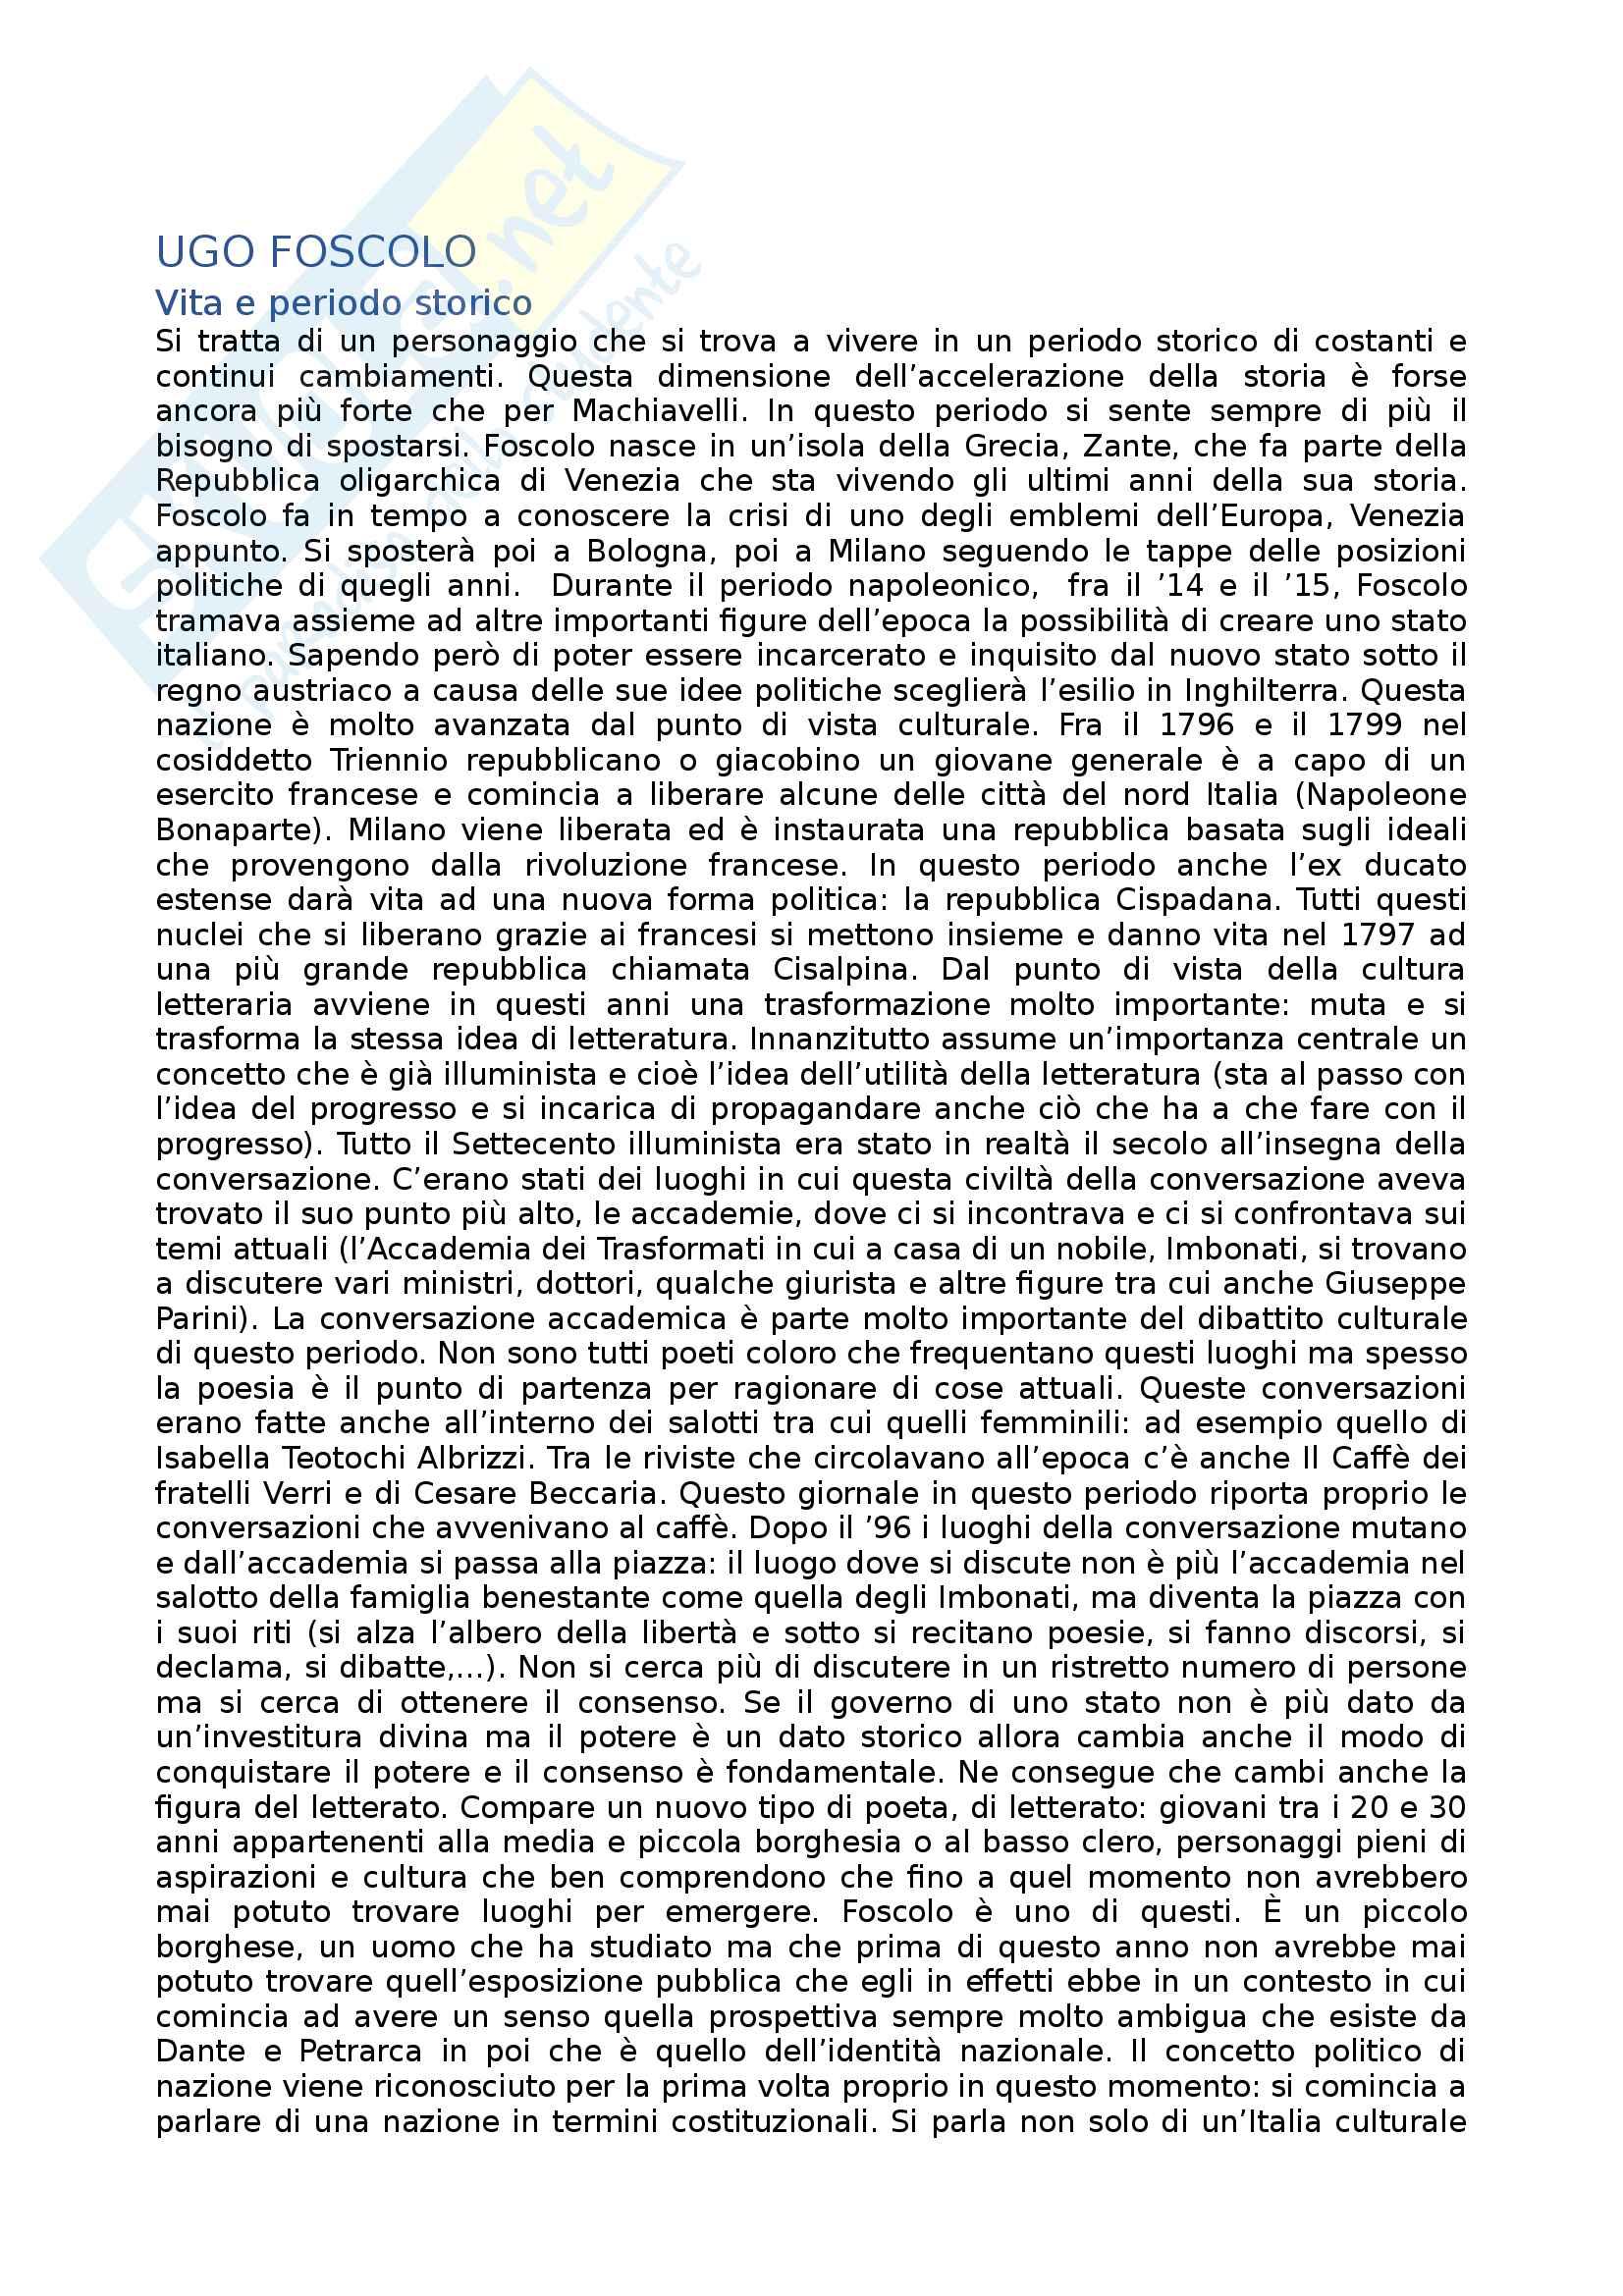 Appunti sul carme Dei Sepolcri di Foscolo